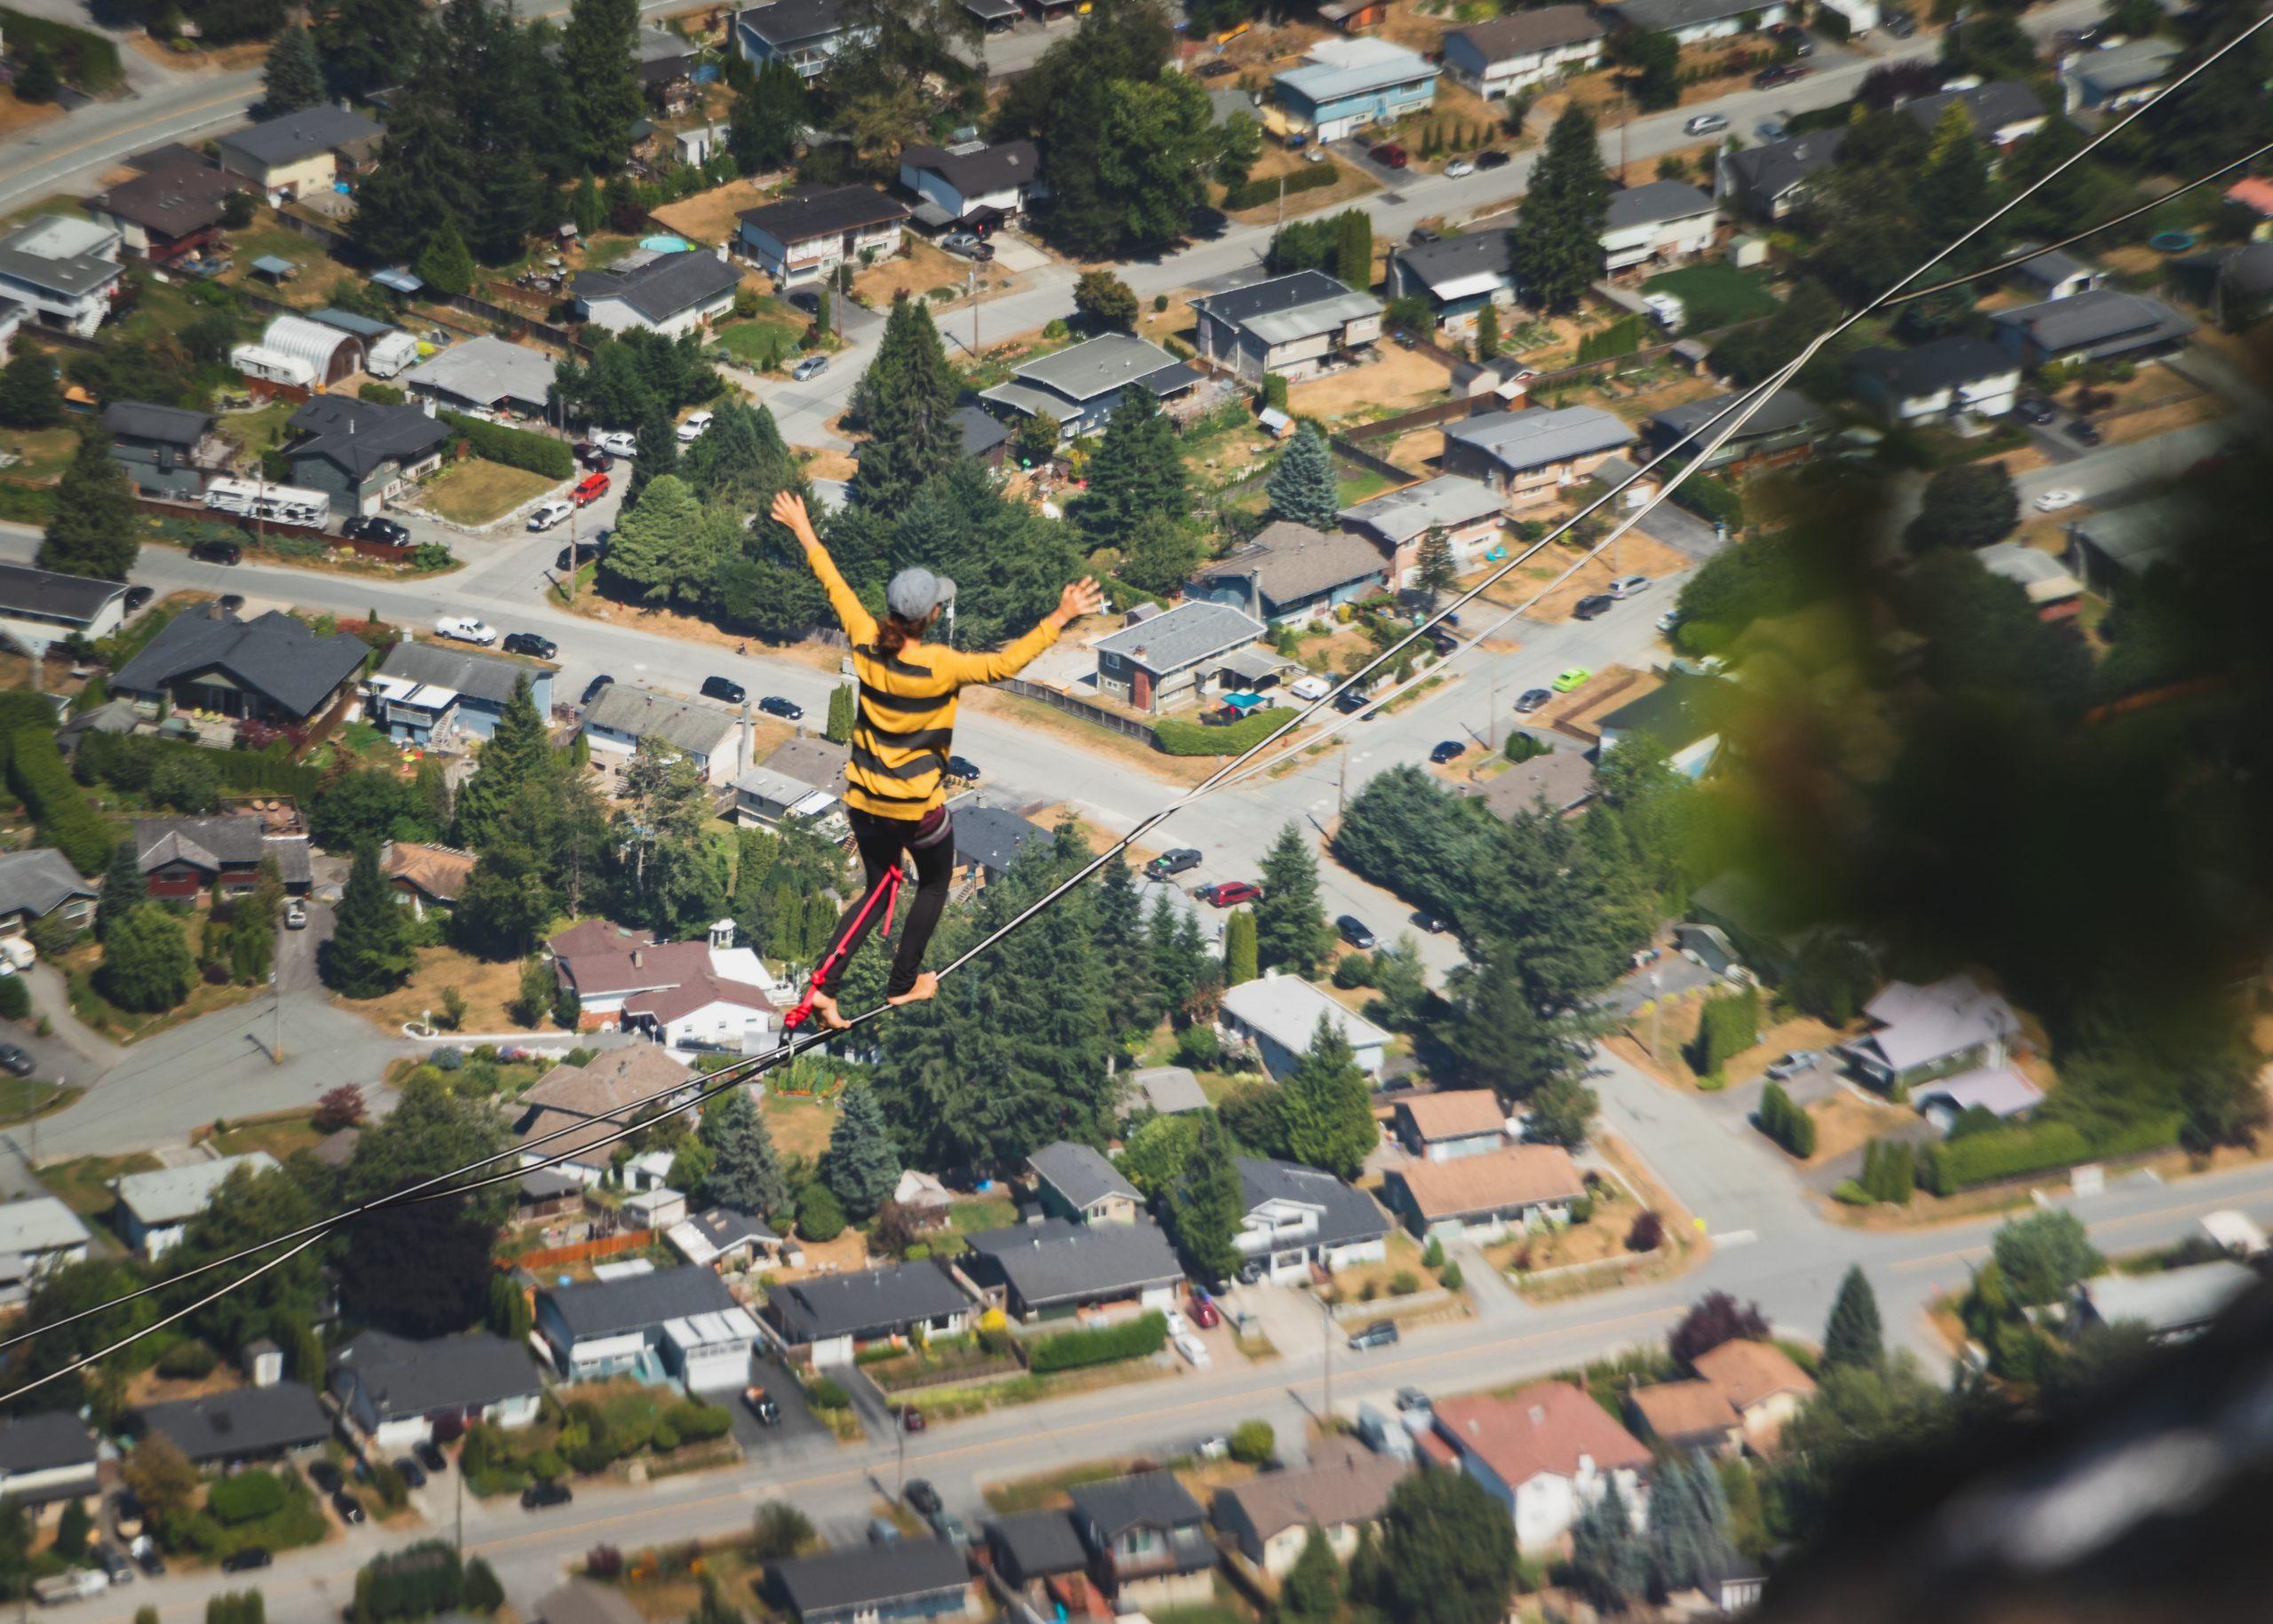 Mulher praticando highline sobre casas.